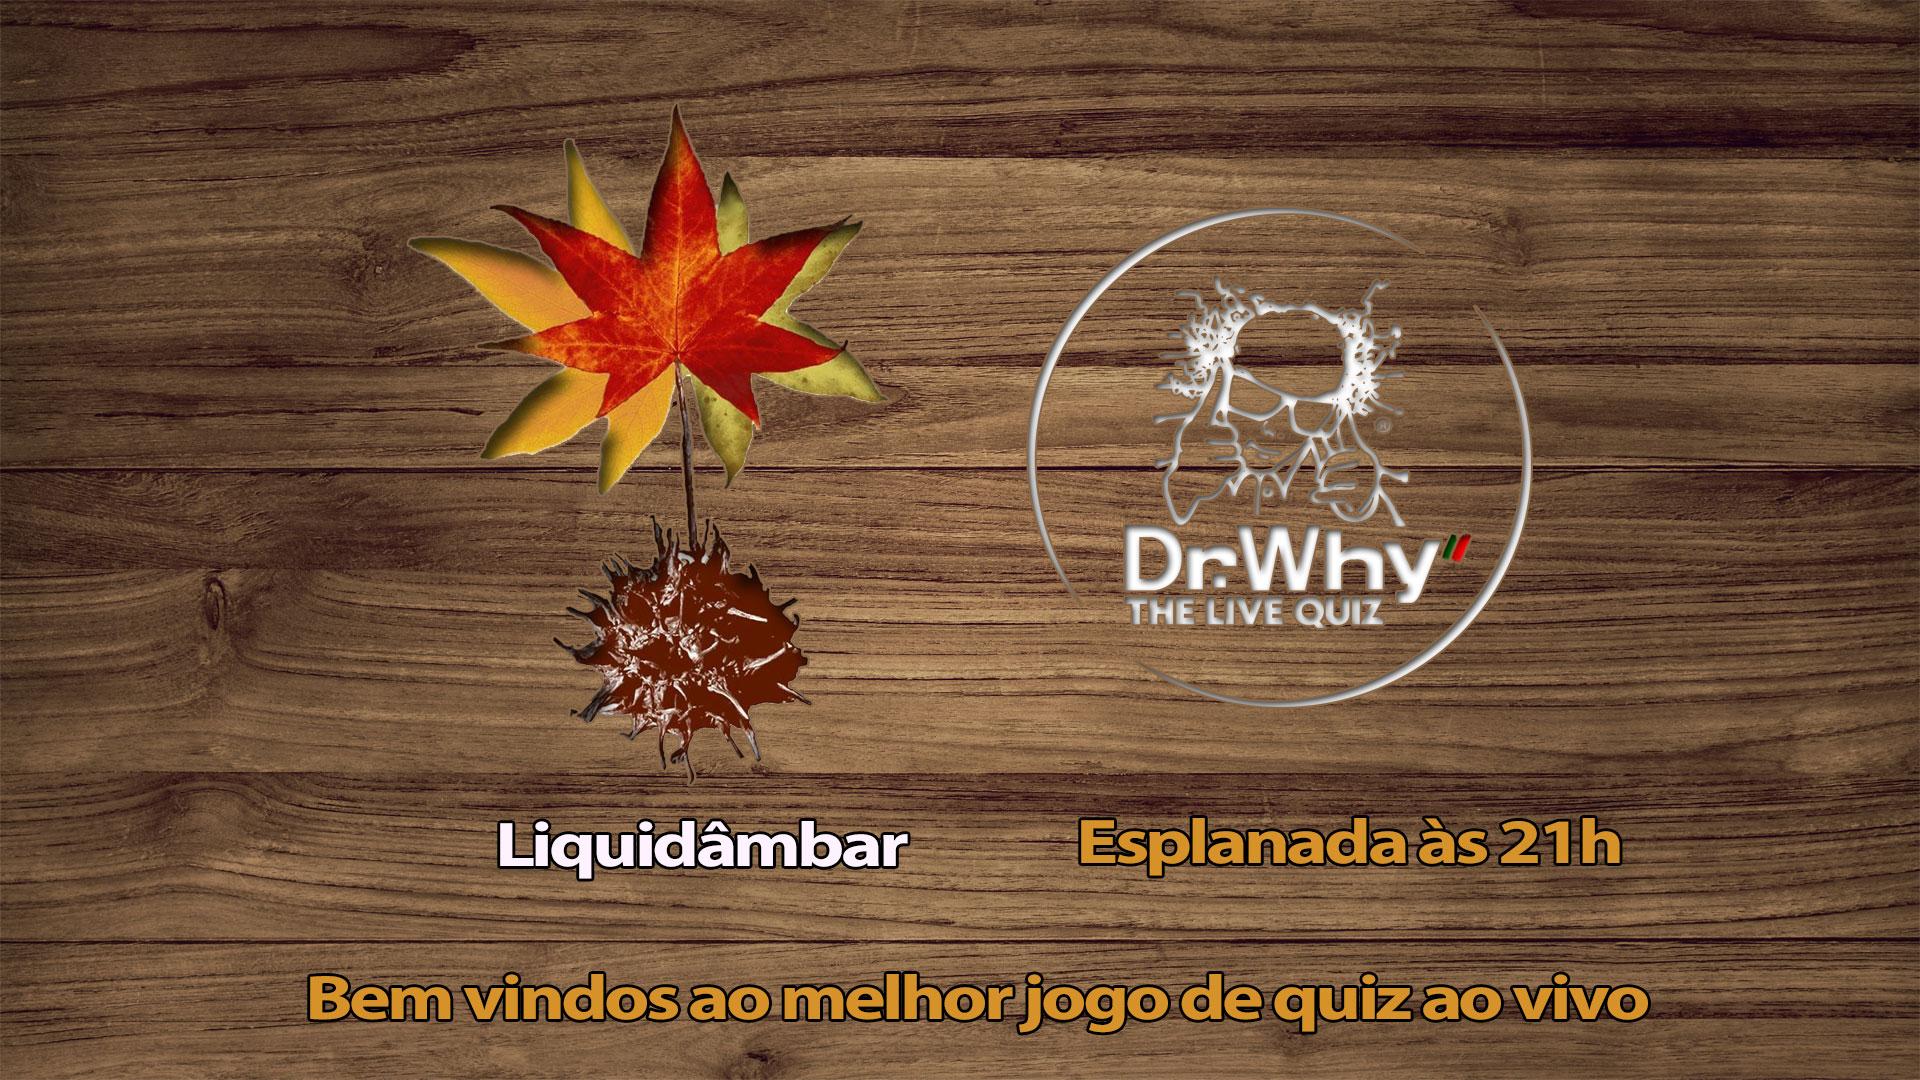 Dr.Why Coimbra@Liquidâmbar